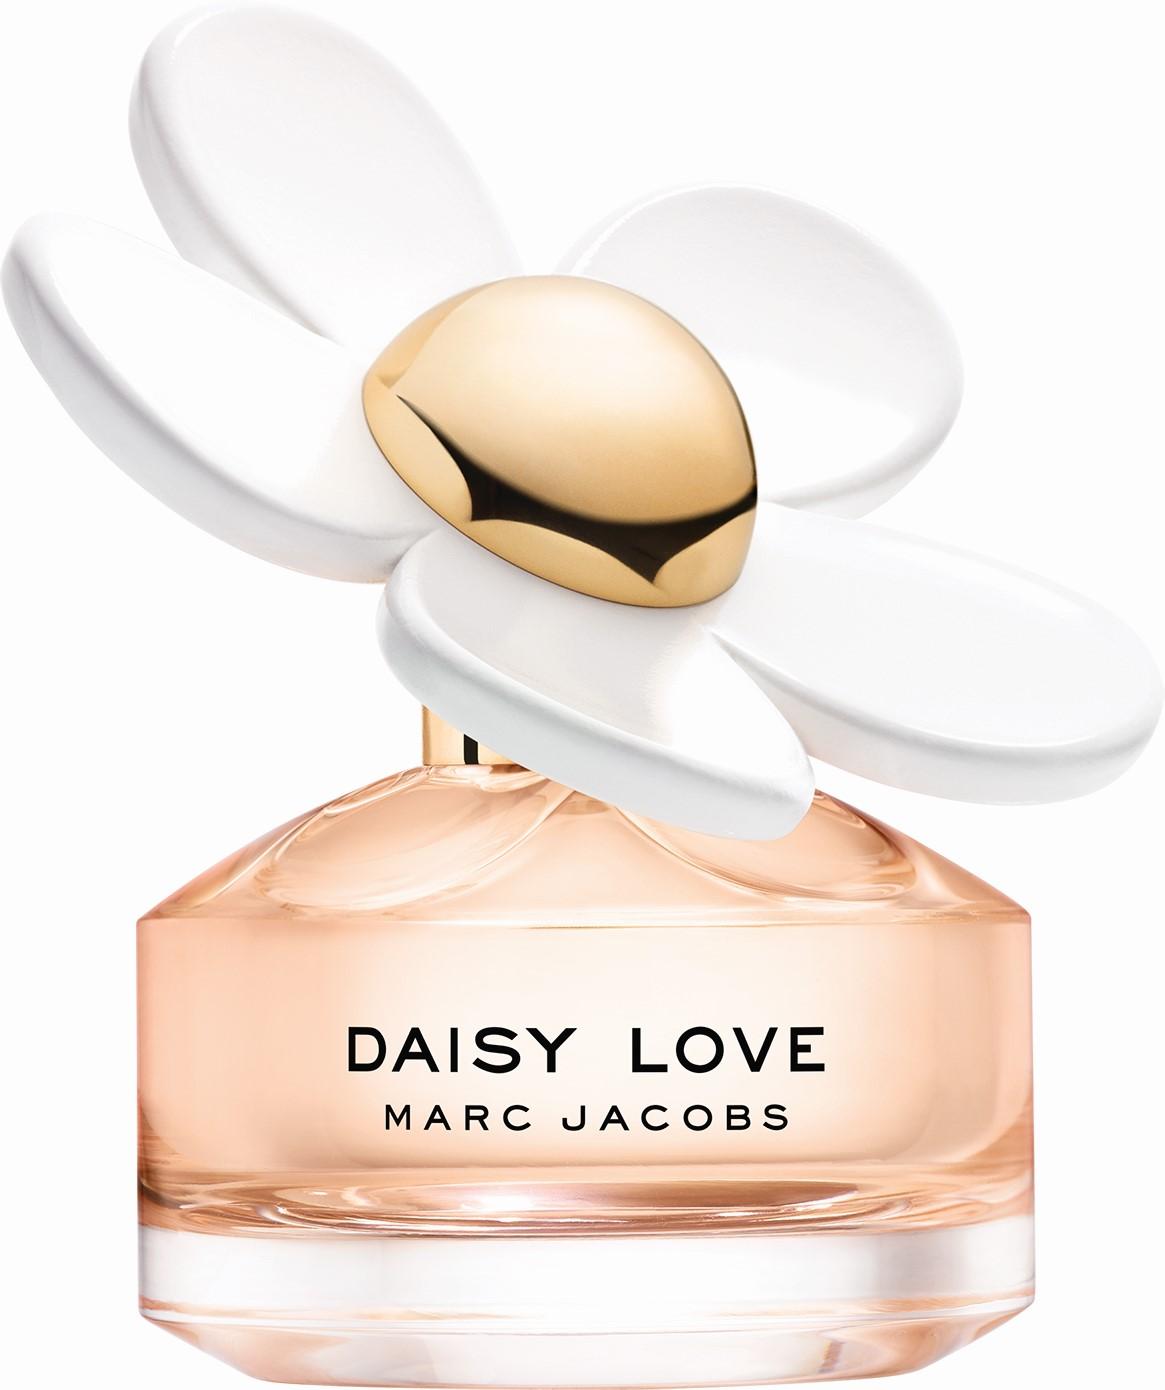 Marc Jacobs Daisy Love EDT, 30 ml